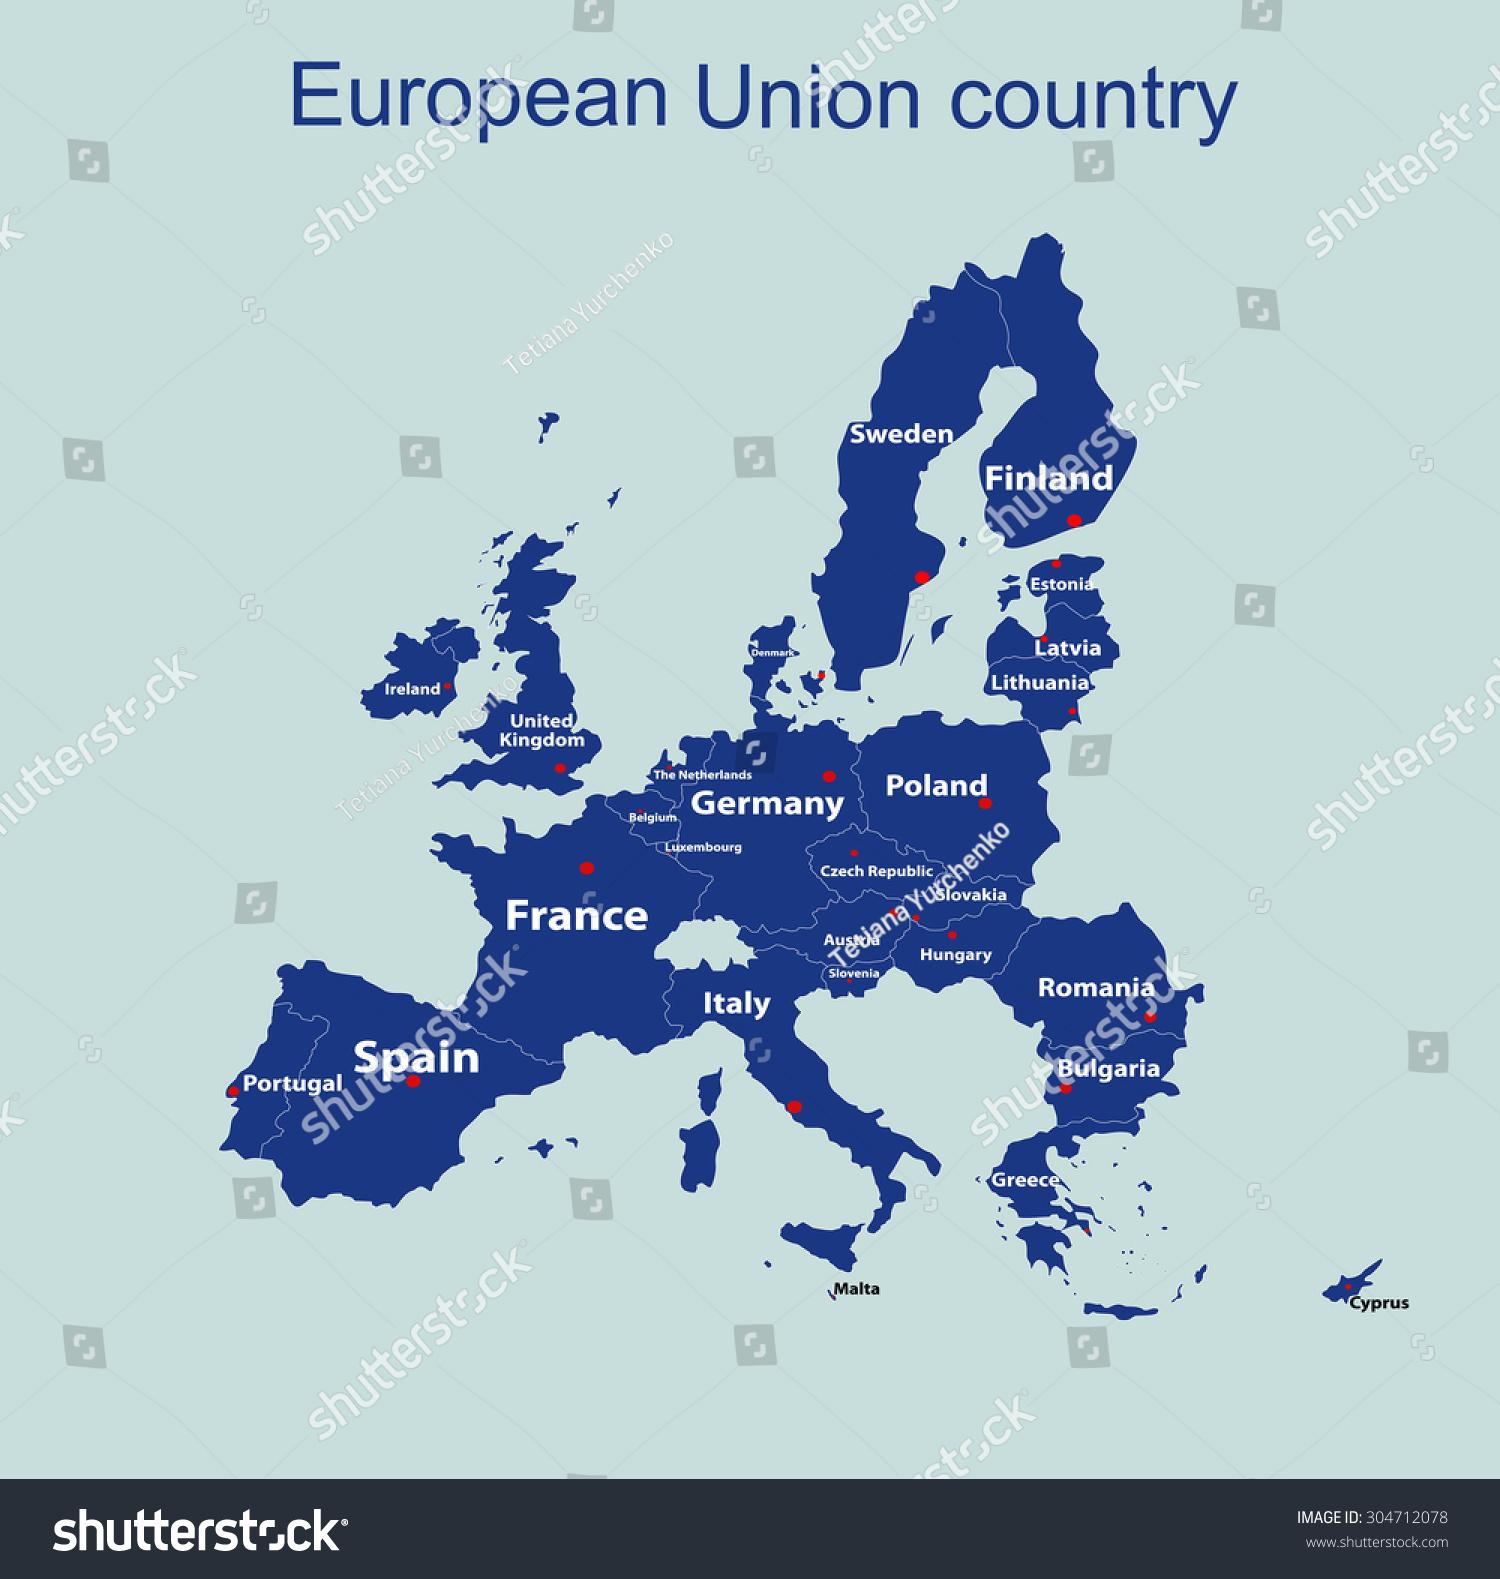 Image Vectorielle De Stock De Carte De L'union Européenne tout Carte Pays Union Européenne